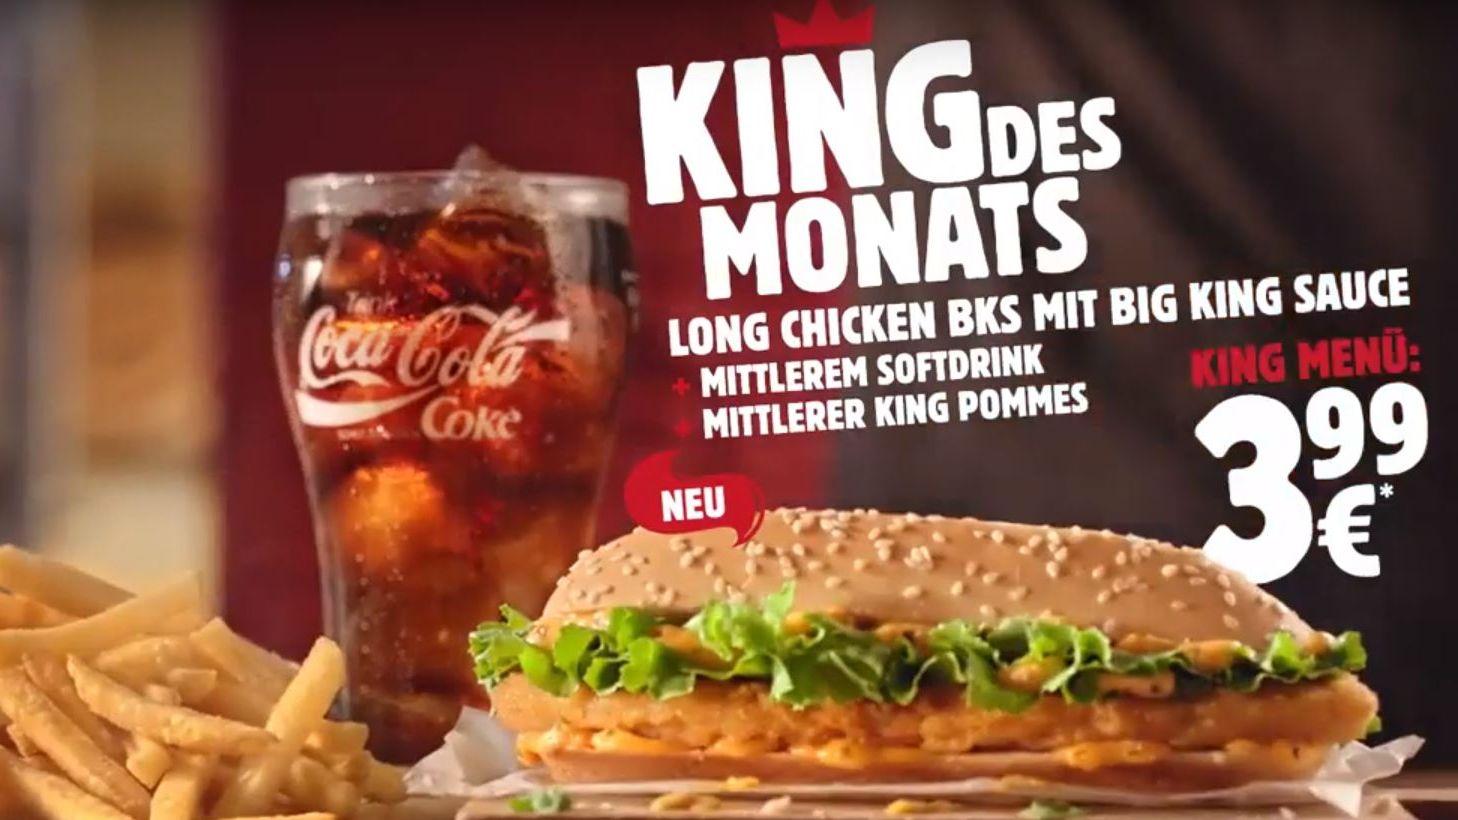 King Des Monat